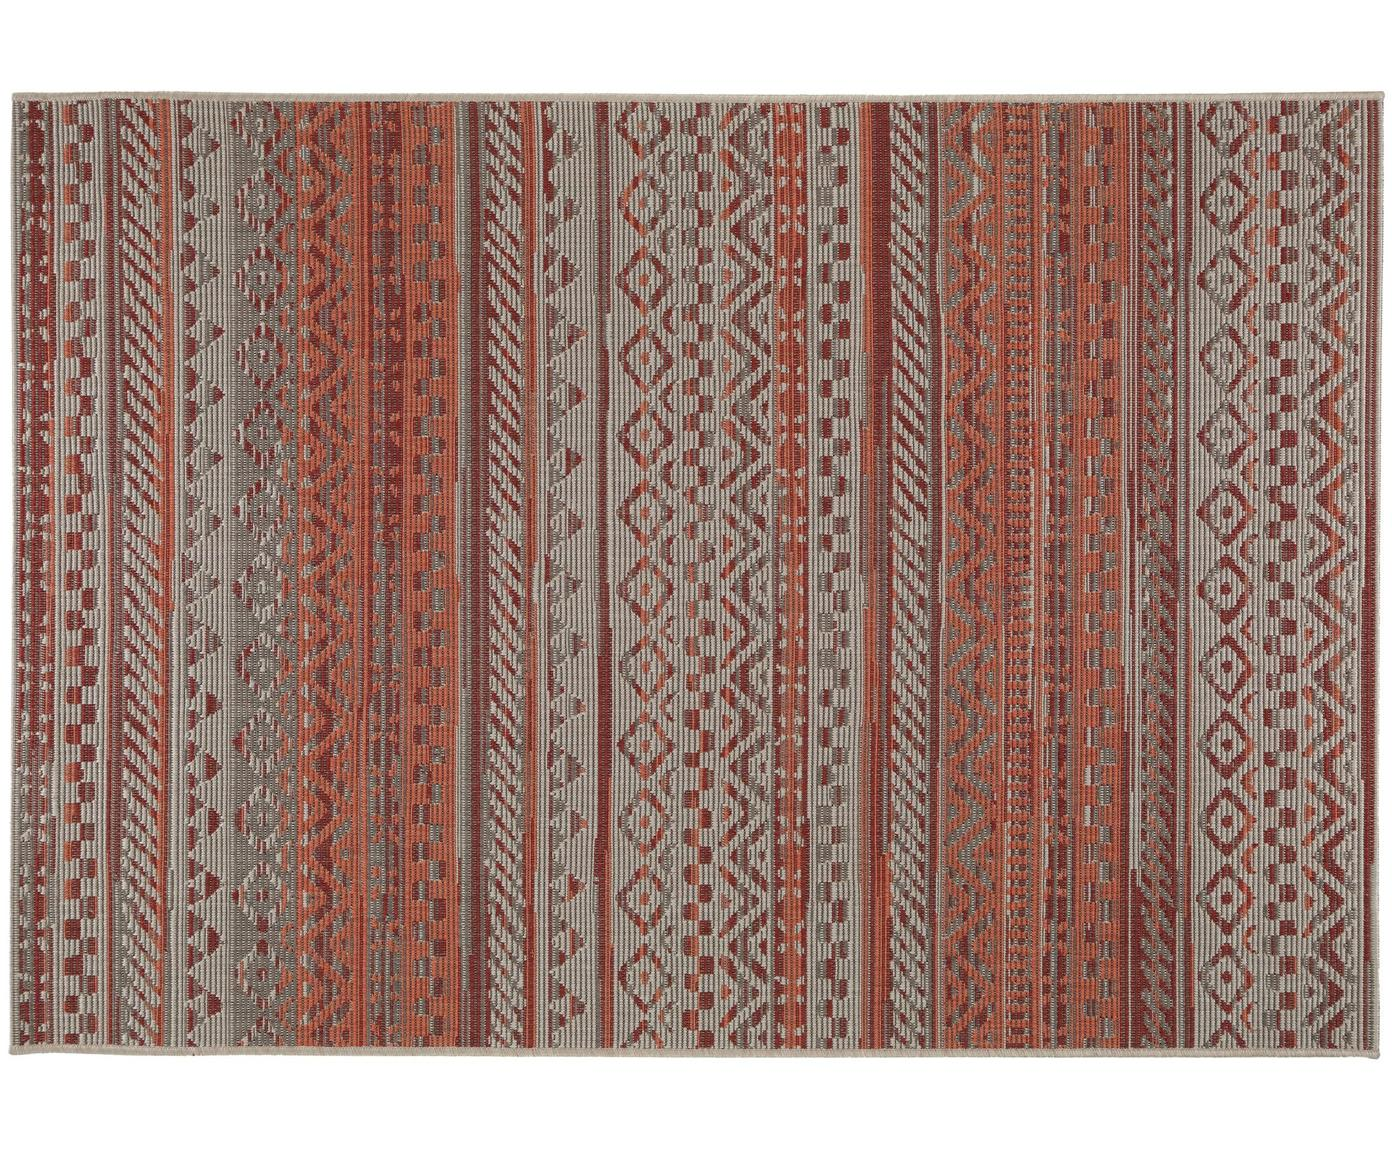 Tappeto da interno-esterno Capri, Polipropilene, Rosso, Larg. 120 x Lung. 170 cm (taglia S)